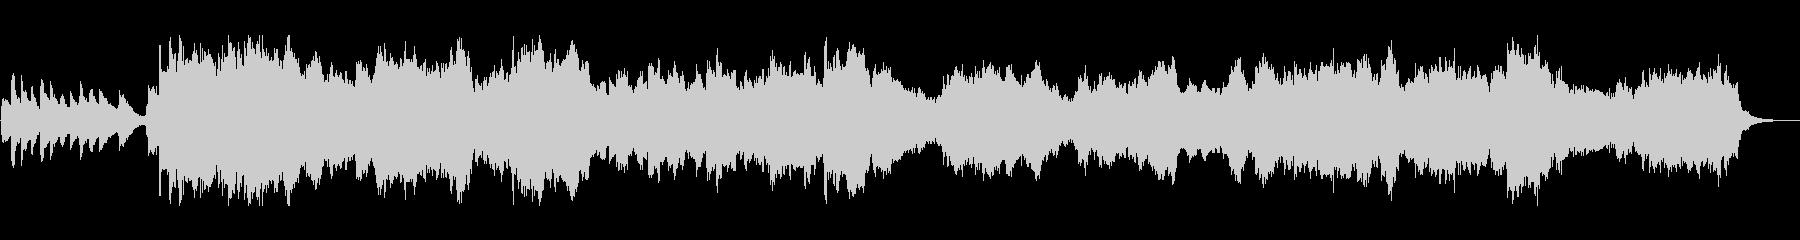 爽やかで美しいピアノシンセサウンドの未再生の波形